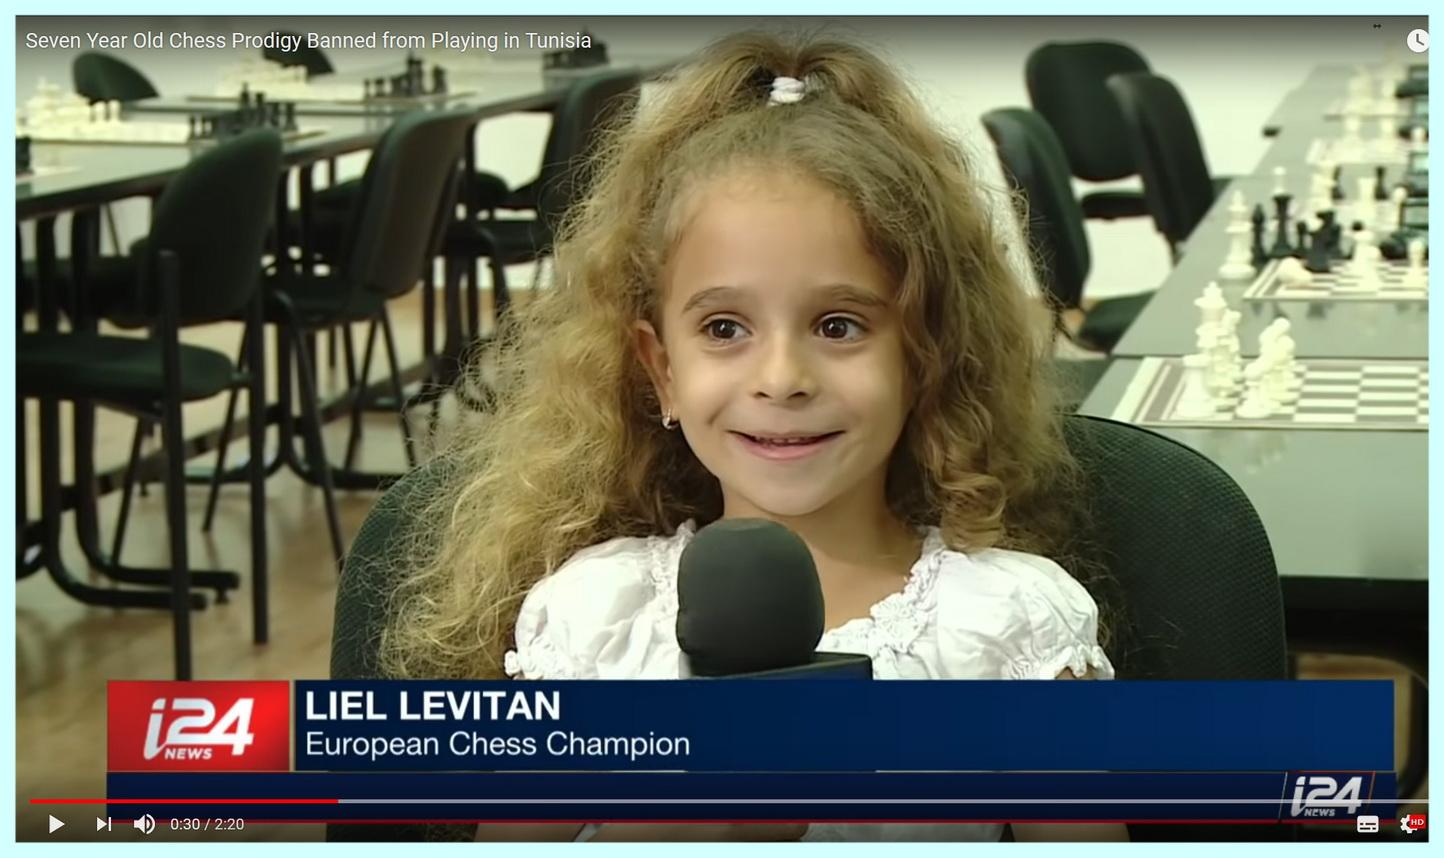 liel levitan schach nicht erlaubt